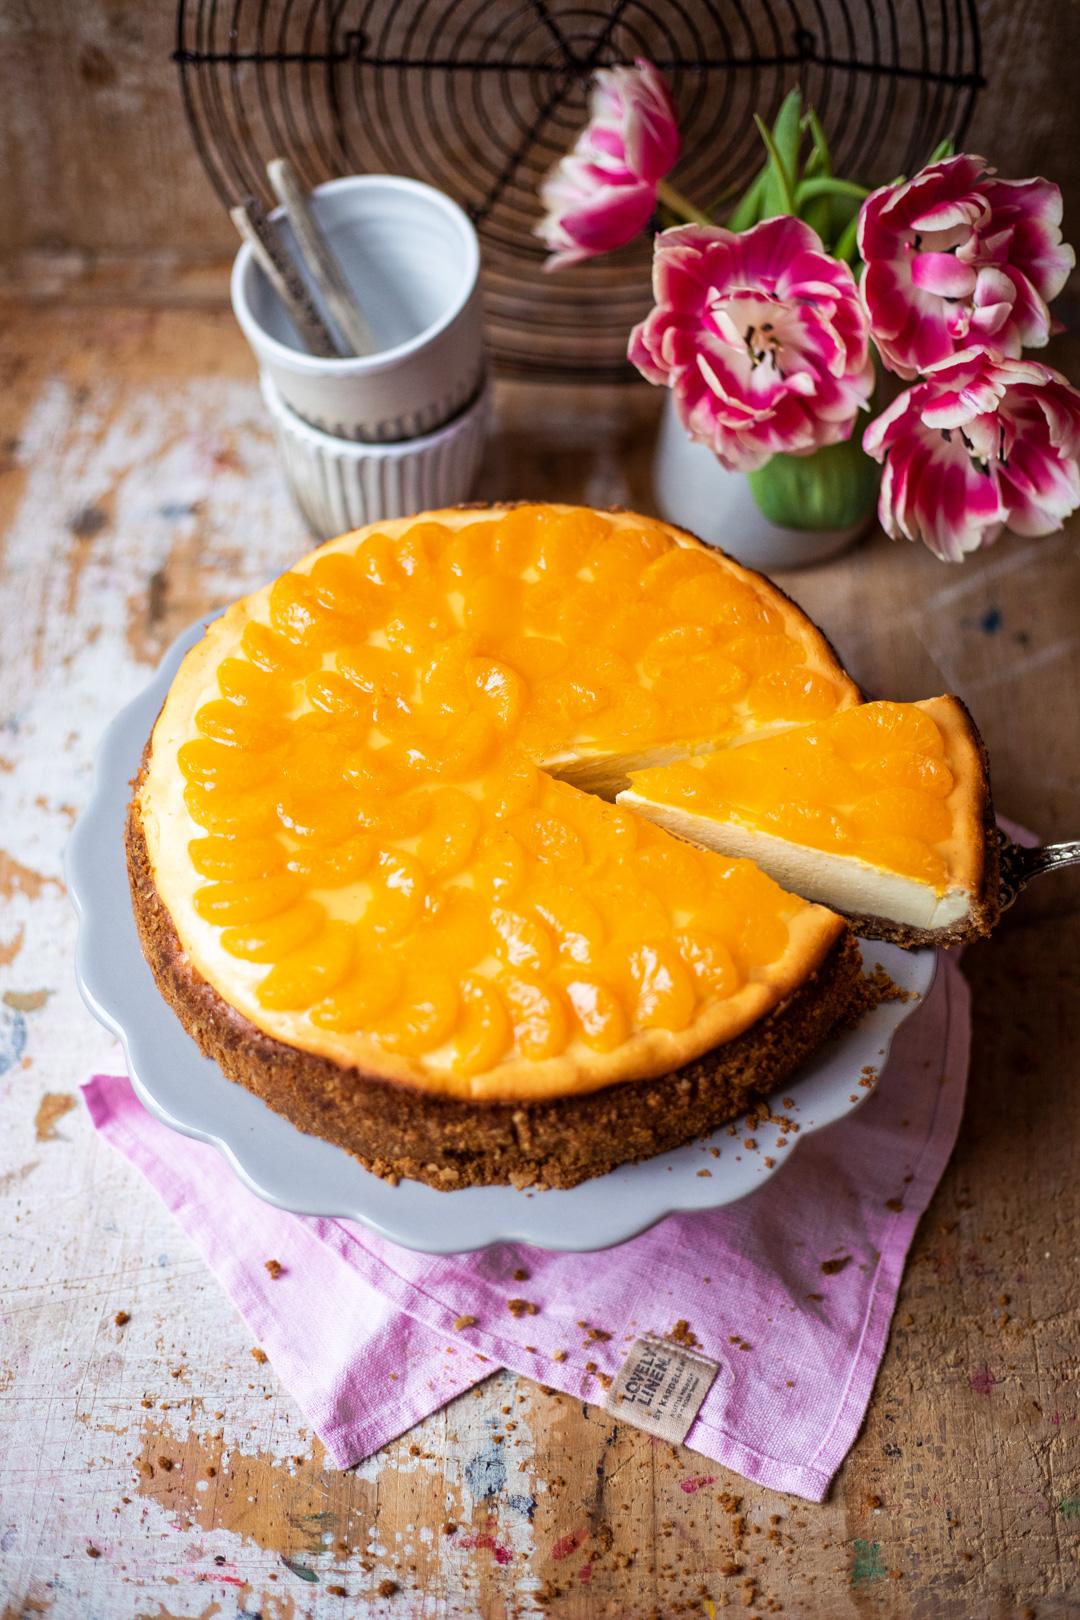 #Mädchenbäckerei: Käsekuchen mit Mandarinen